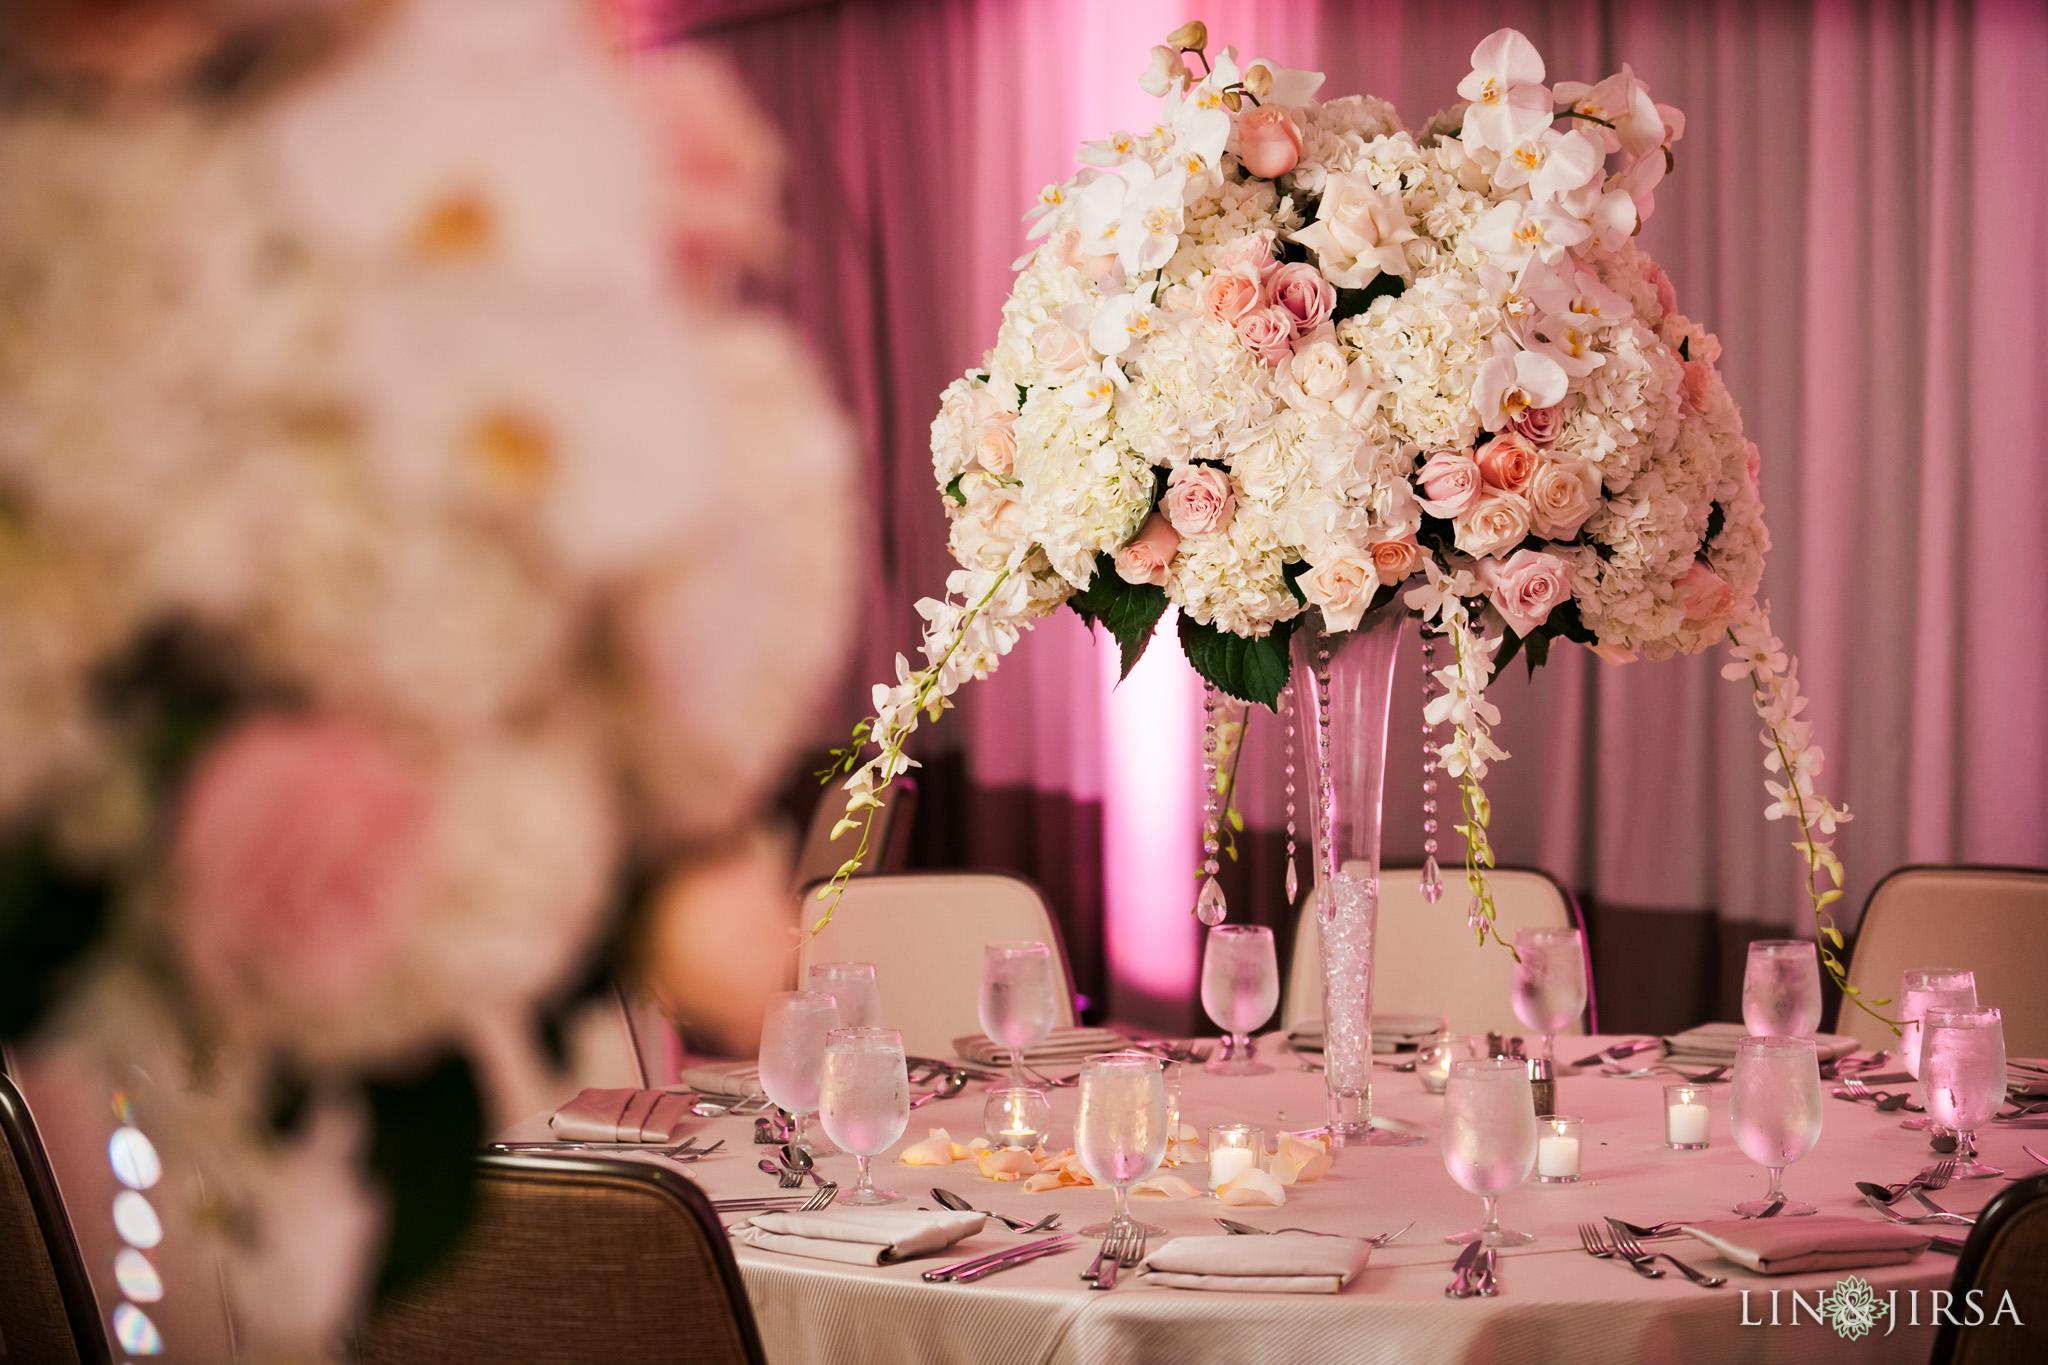 043 estancia la jolla hotel spa persian wedding reception photography